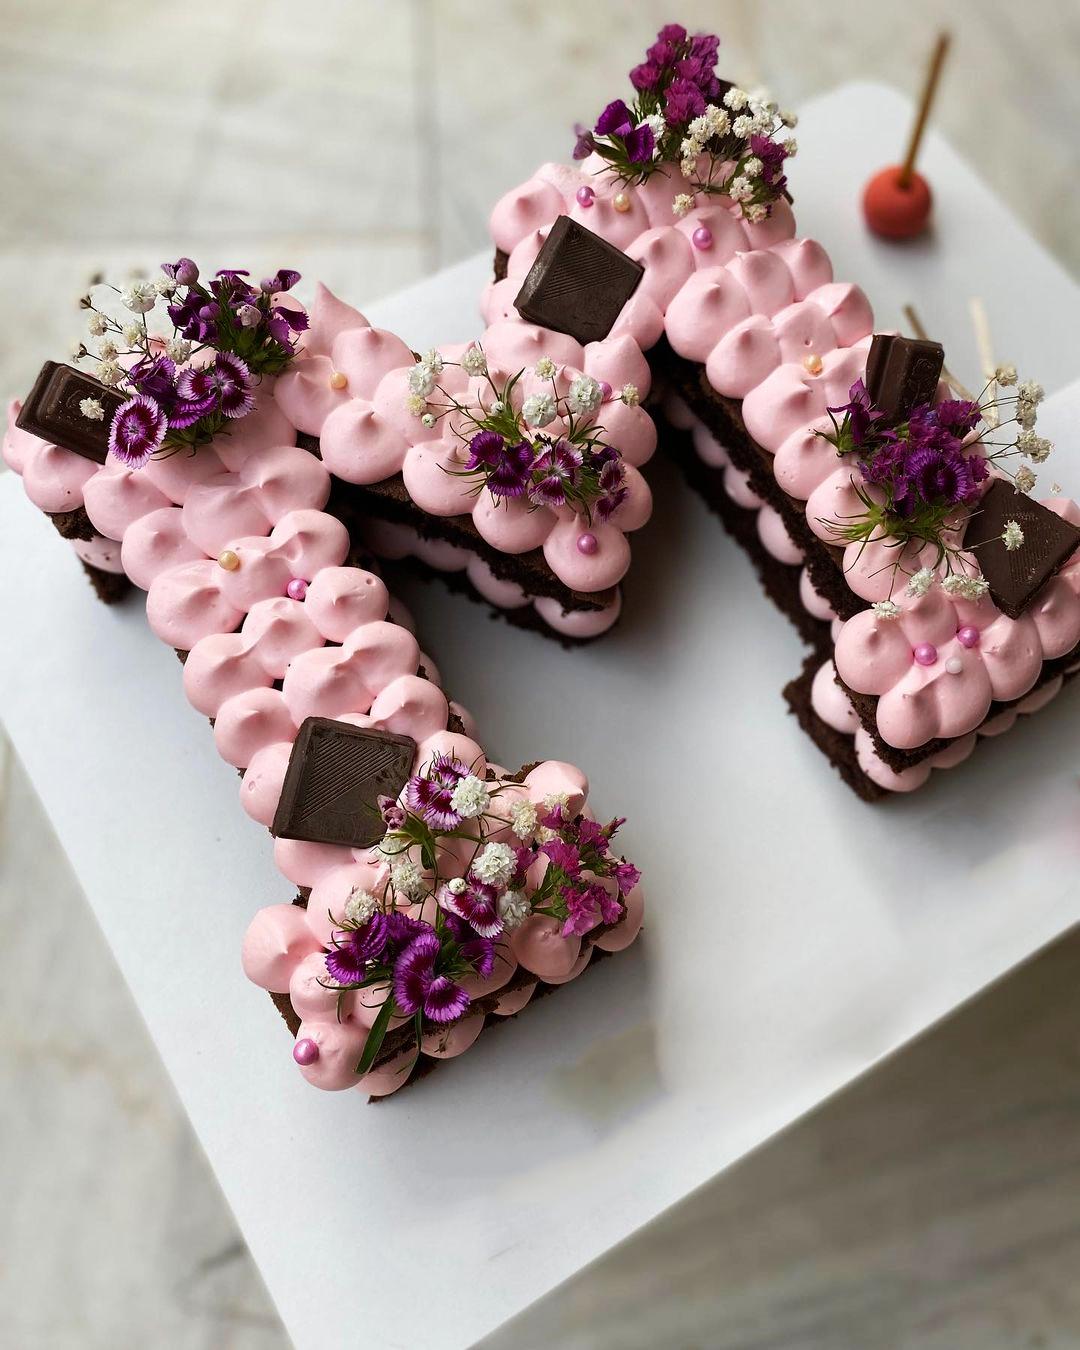 طرز تهیه سابله کیک خوشمزه و حرفه ای با موز و گردو با طرح دلخواه